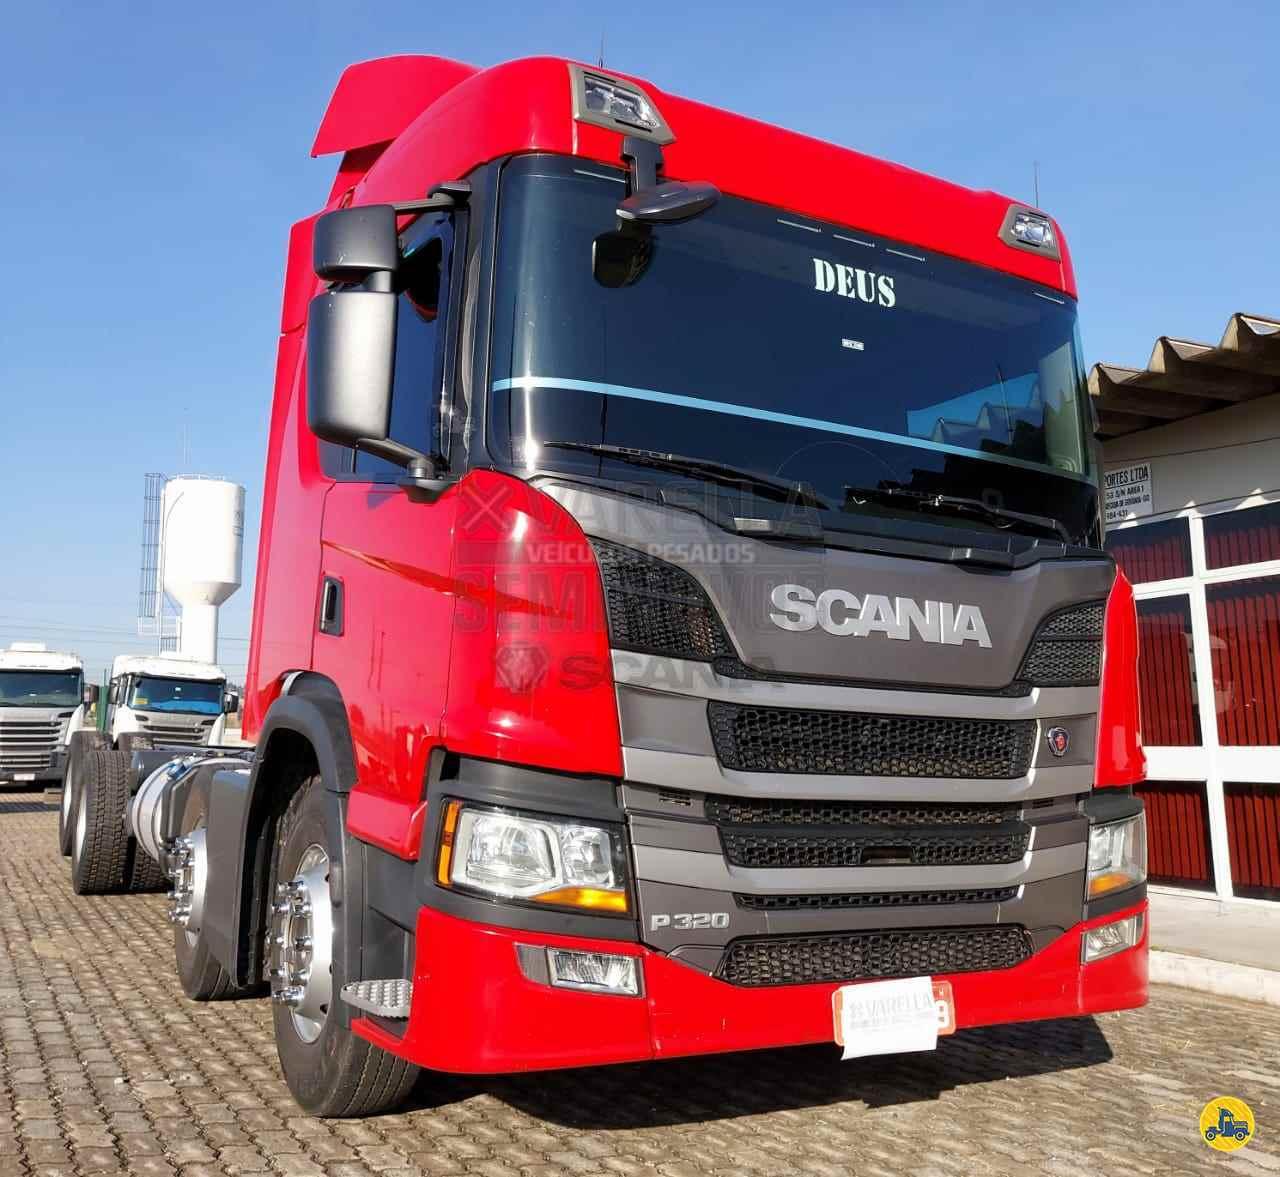 CAMINHAO SCANIA SCANIA P320 Cavalo Mecânico BiTruck 8x2 Varella Seminovos Scania APARECIDA DE GOIANIA GOIAS GO